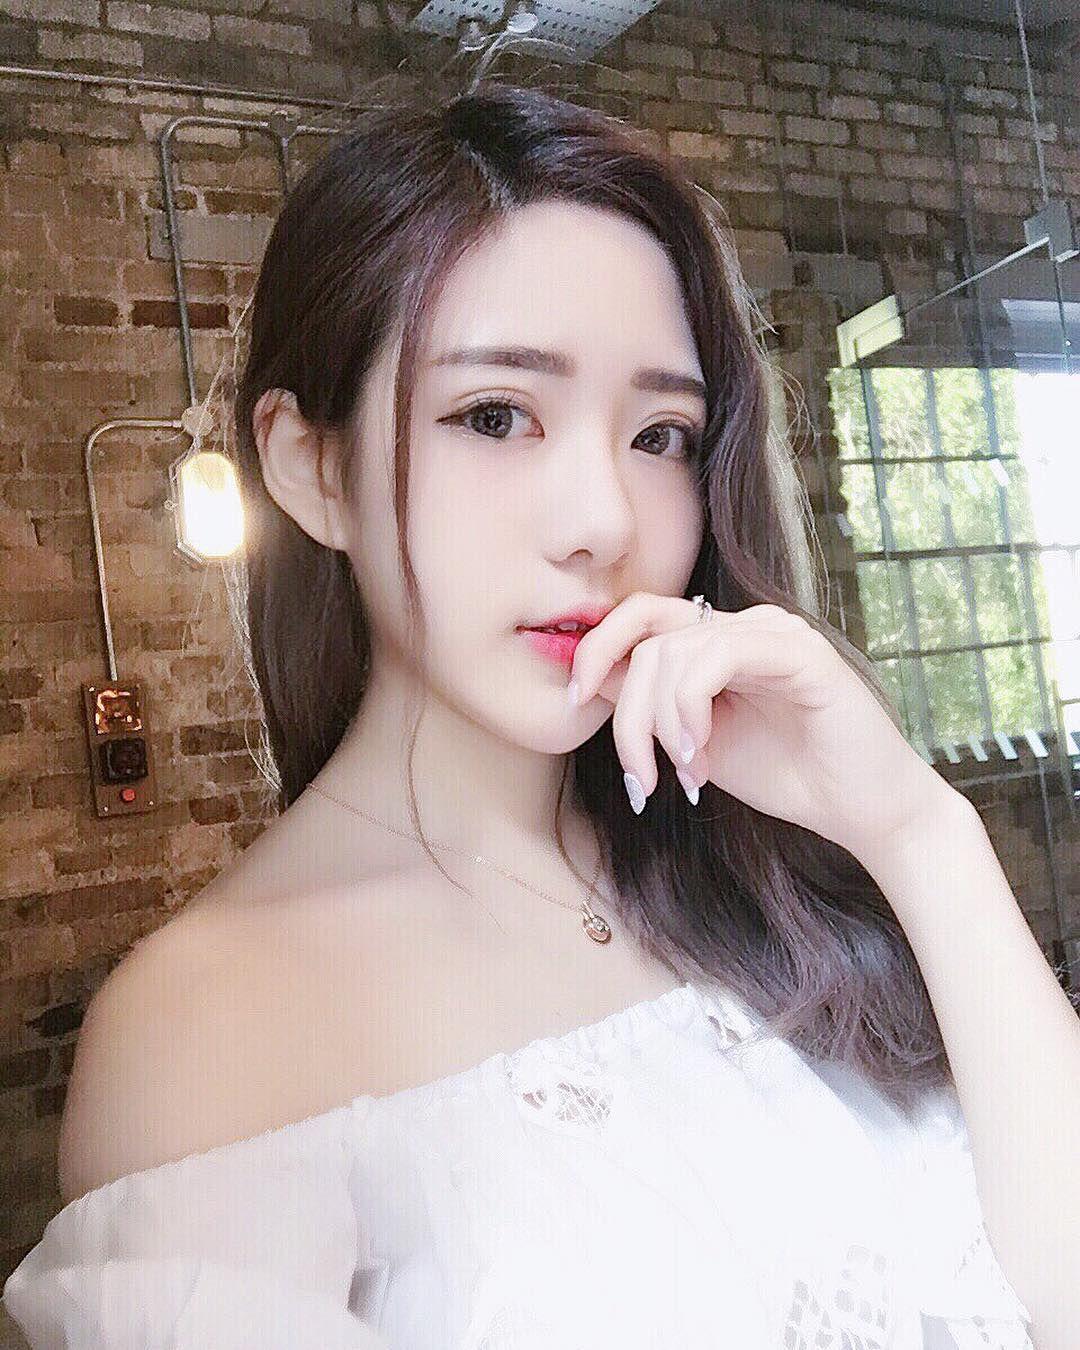 台灣正妹石潔心 超吸睛的事業線 - 美女圖 -